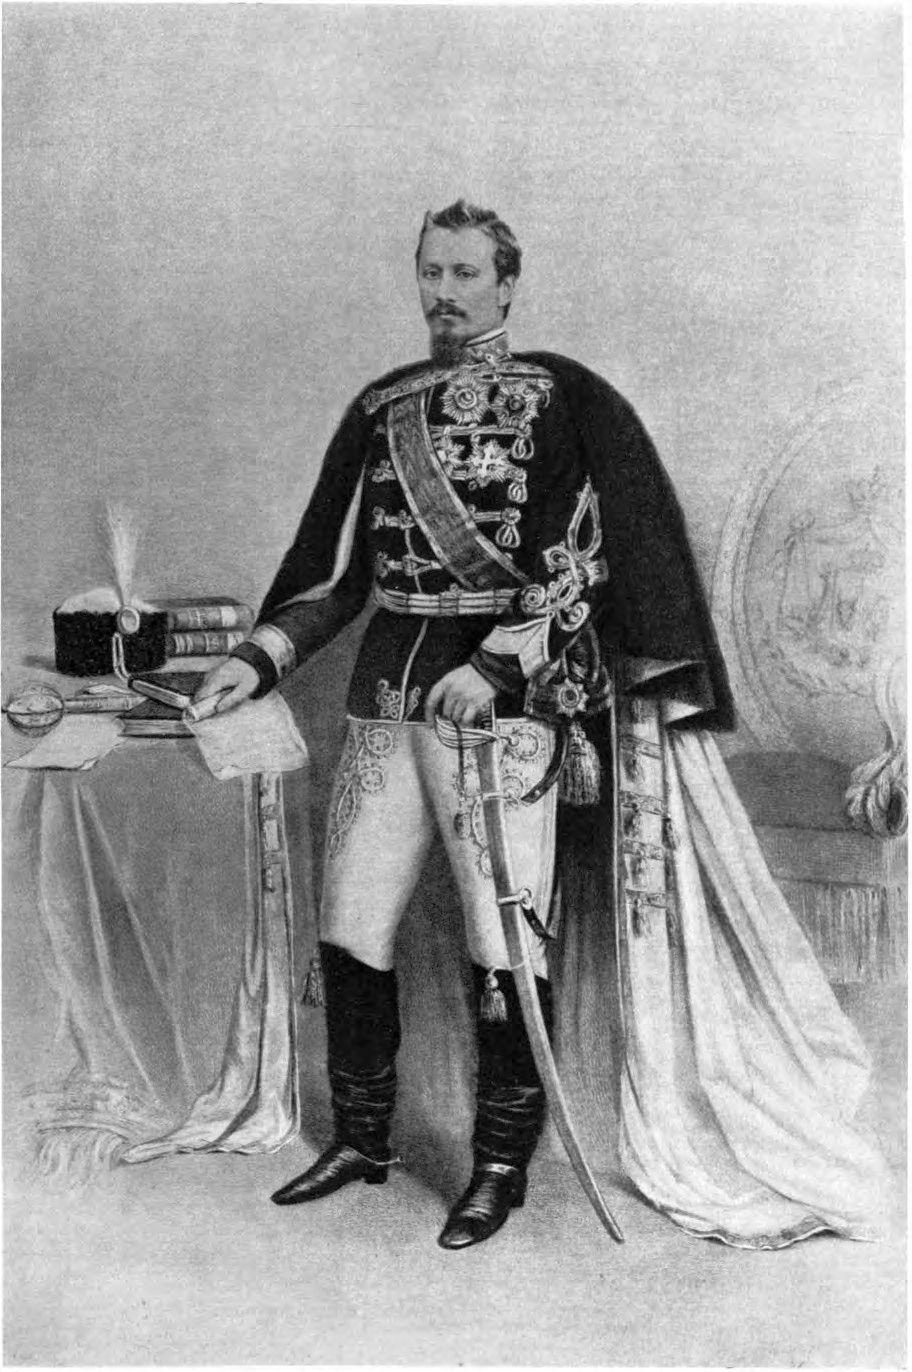 Unirea Principatelor Române şi Alexandru Ioan Cuza